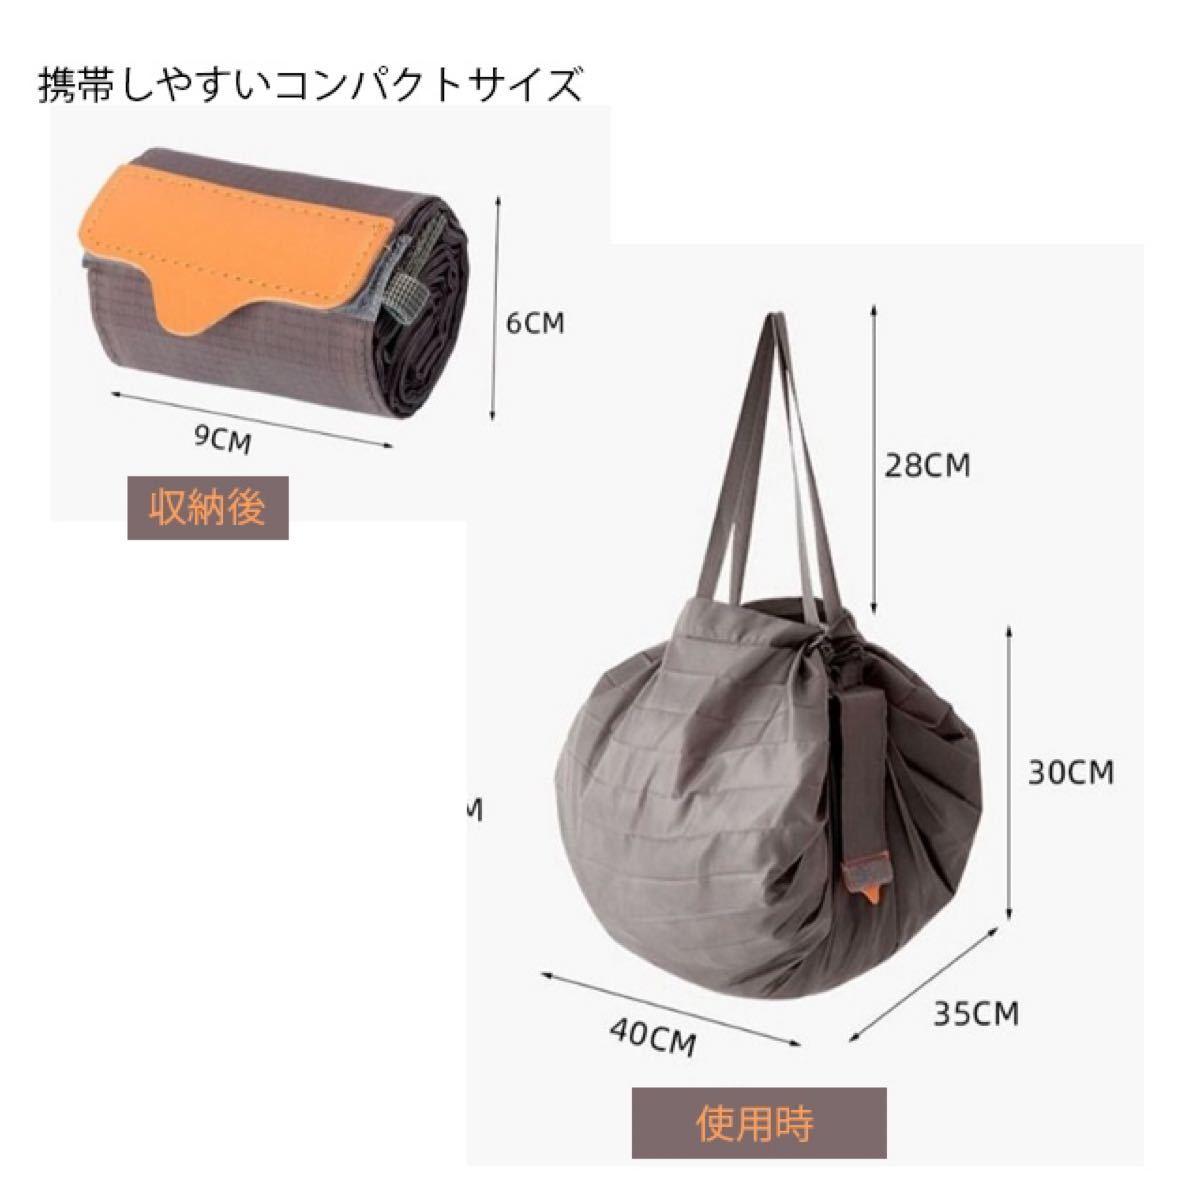 大容量 エコバッグ レジバッグ レジカゴバッグ ショッピングバッグ